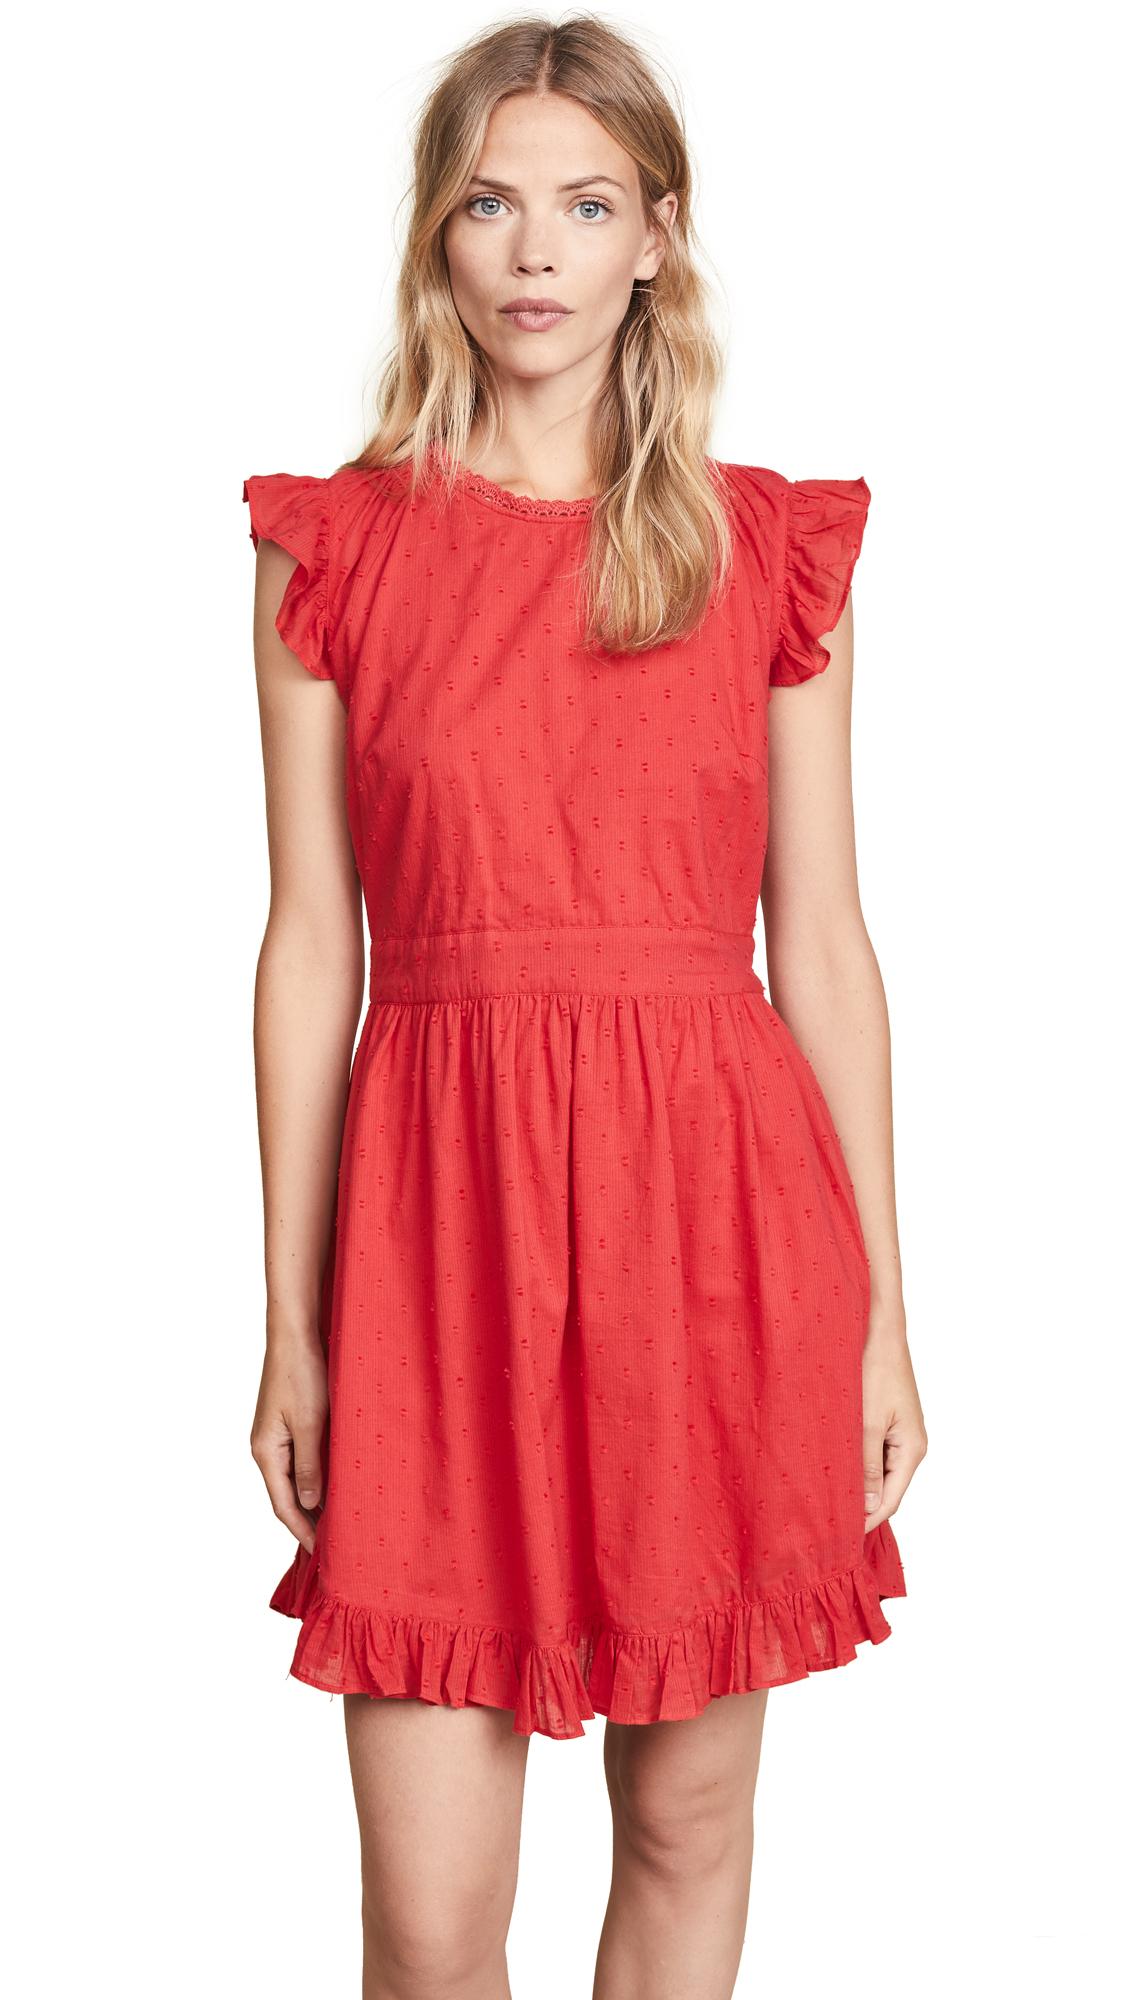 dRA Benvento Dress In Compari